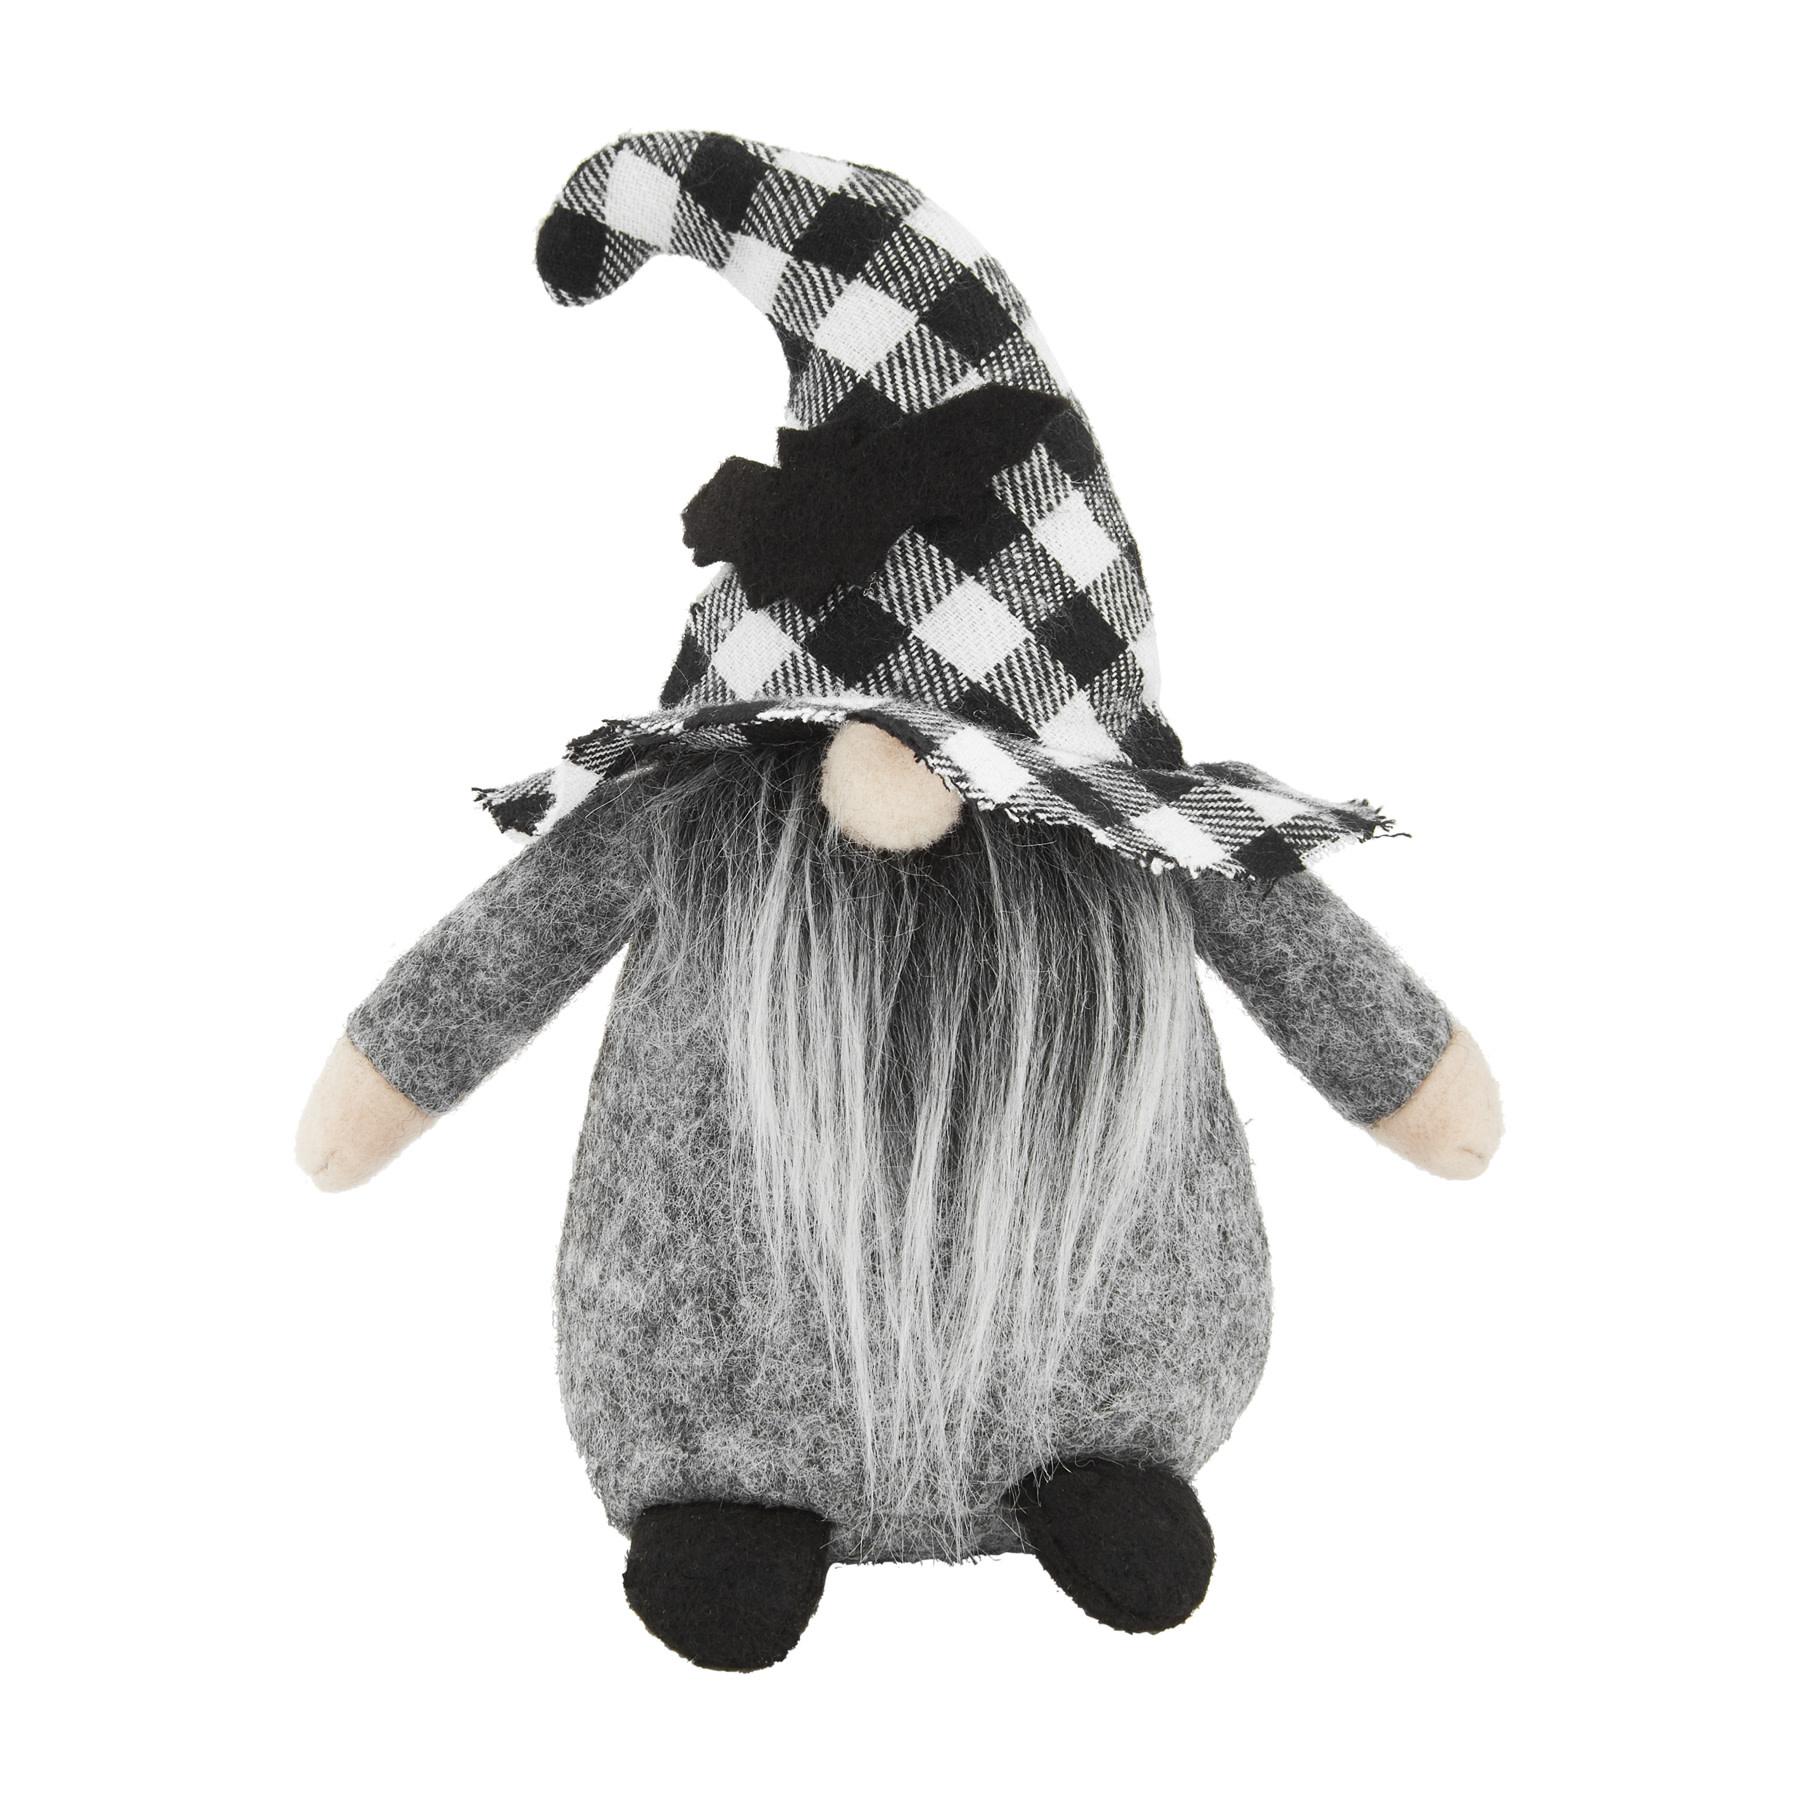 Mud Pie Black Buffalo Small Halloween Gnome